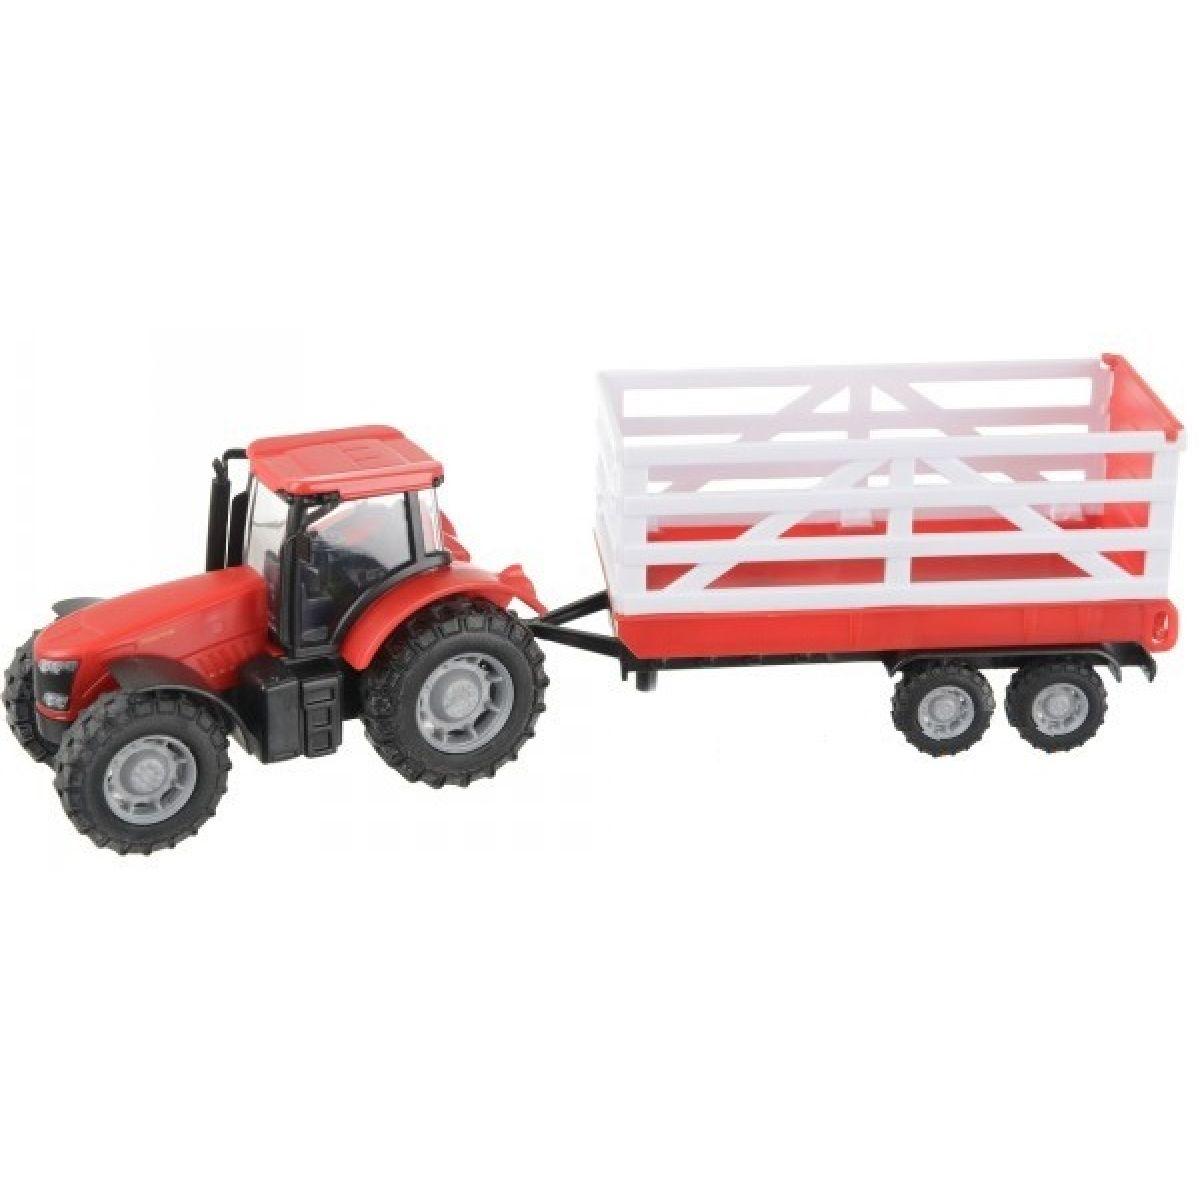 Teamsterz Traktor s prívesom - Červený traktor s prívesom